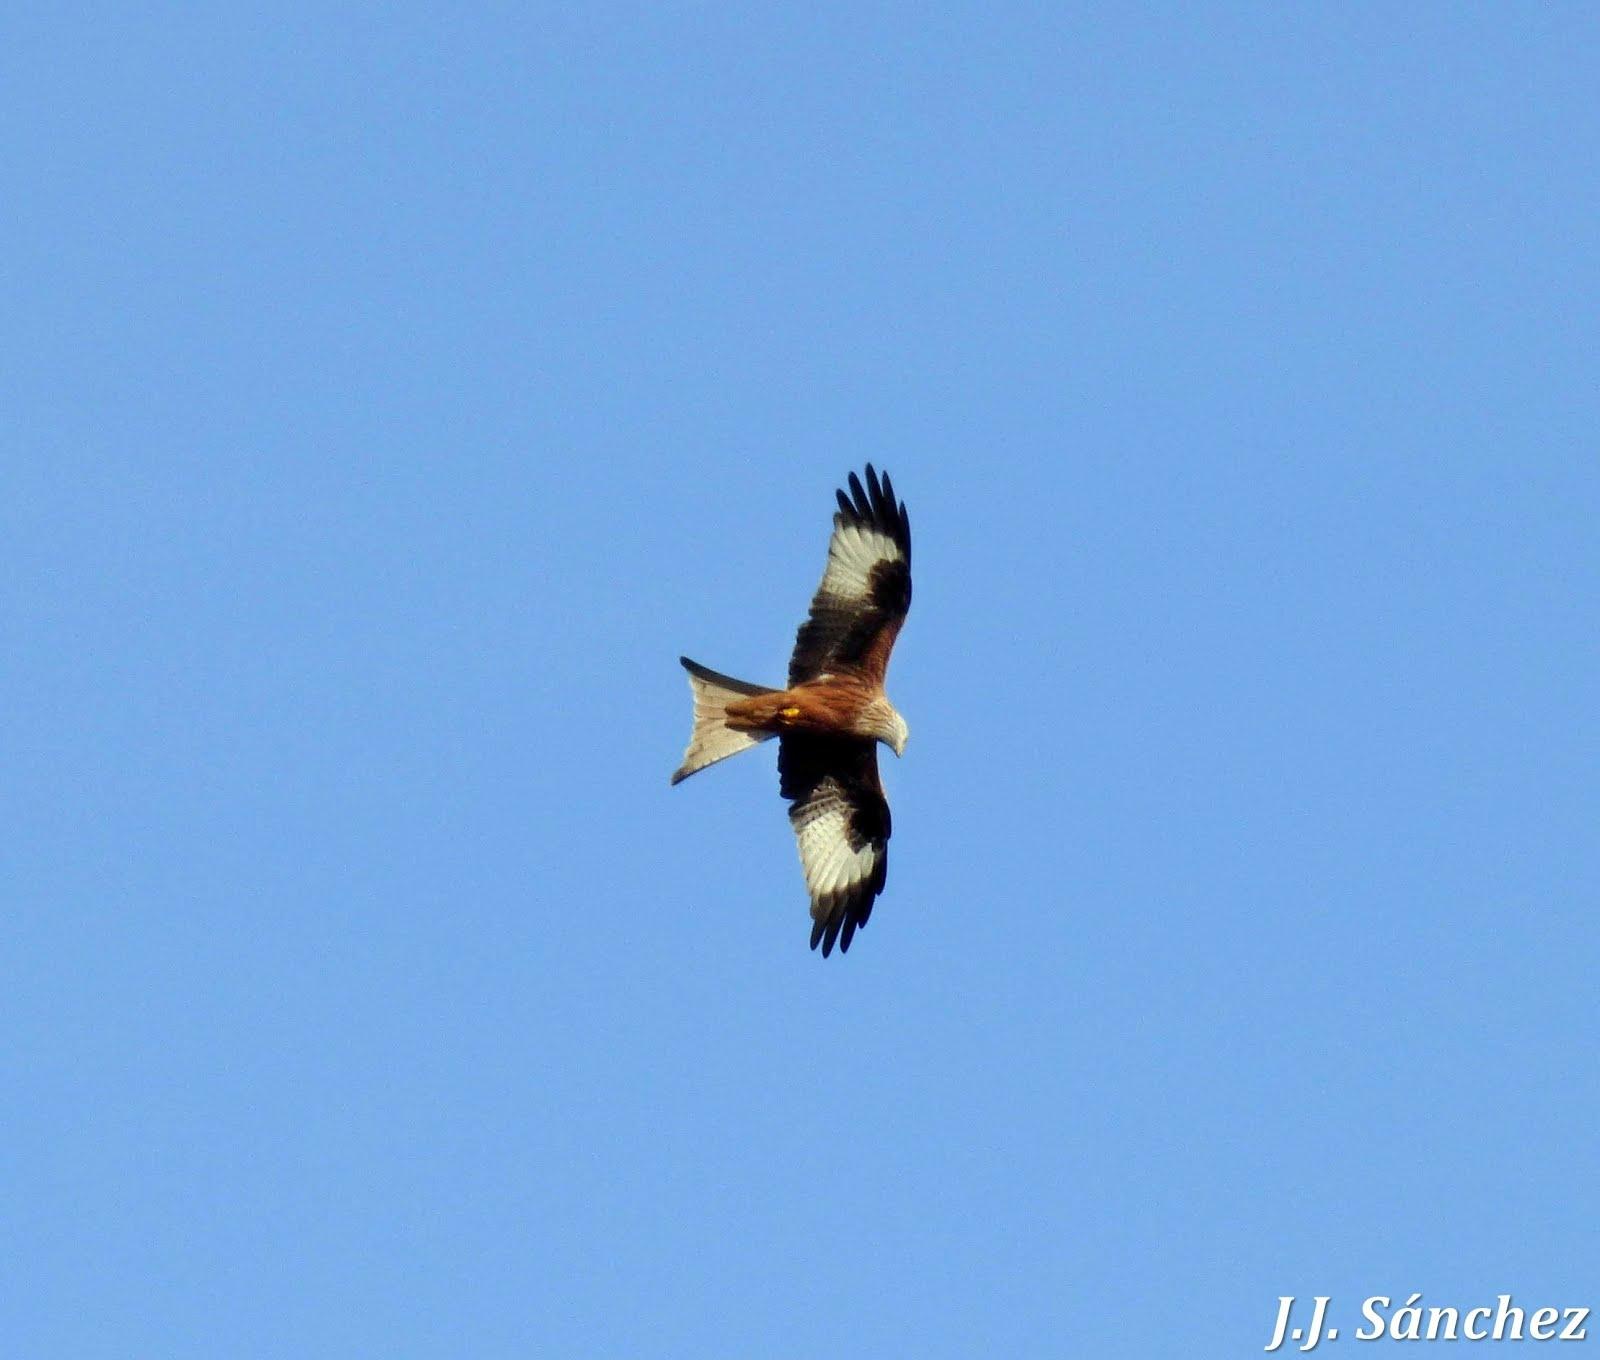 Aves en Montehermoso: Galeria de fotos